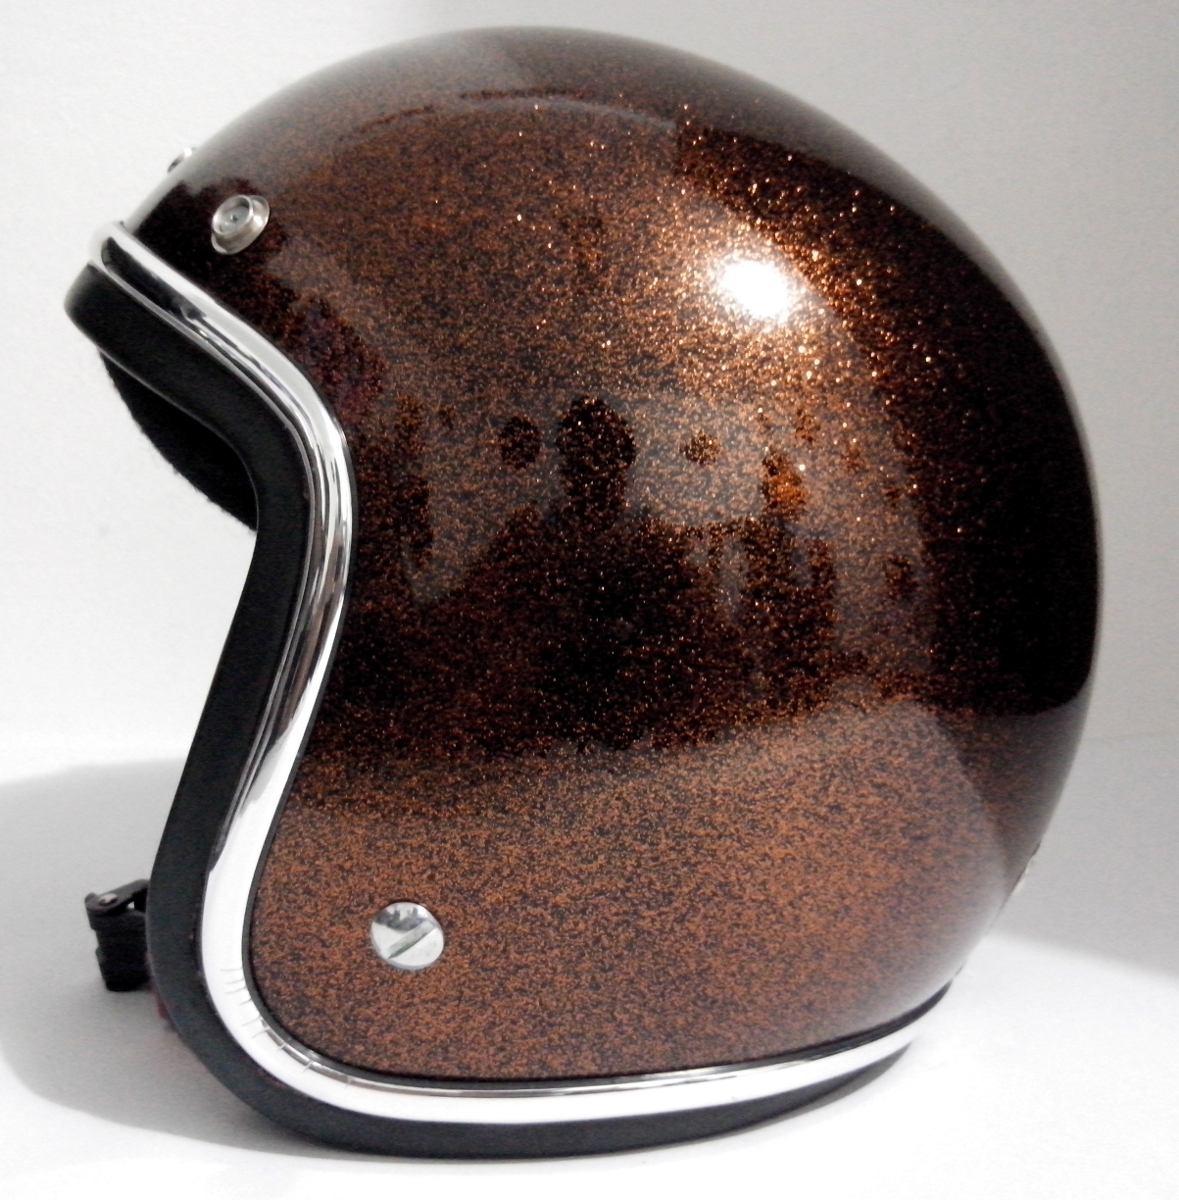 45f3c08248be5 capacetes customizados por encomenda old school metal flake. Carregando  zoom.